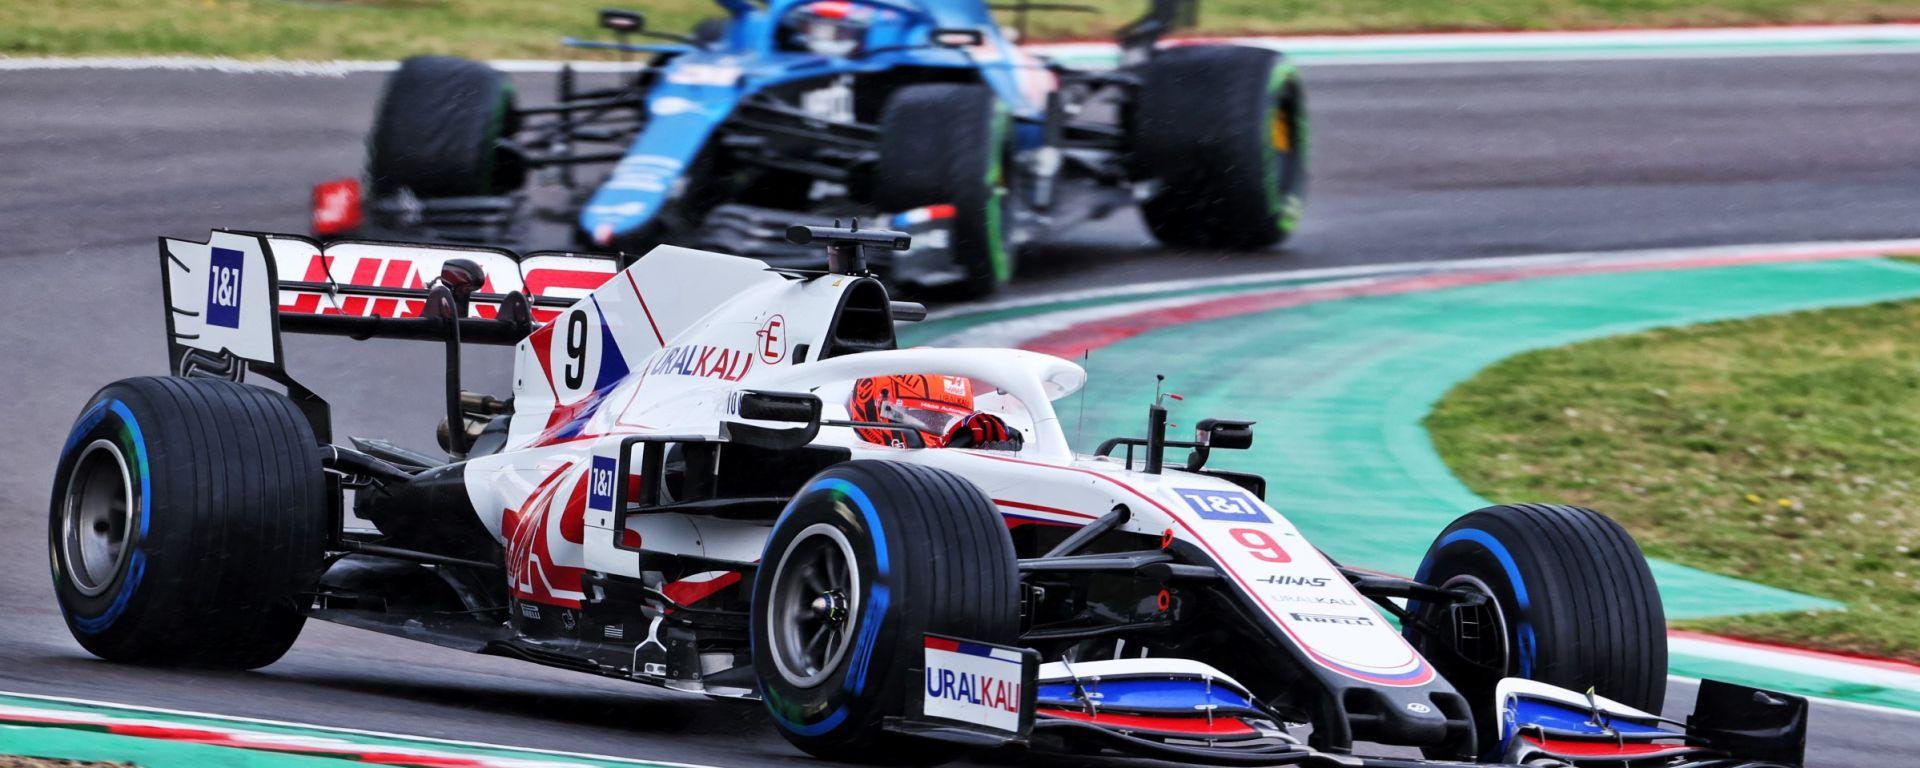 F1, GP Emilia Romagna 2021: Nikita Mazepin seguito da un'Alpine